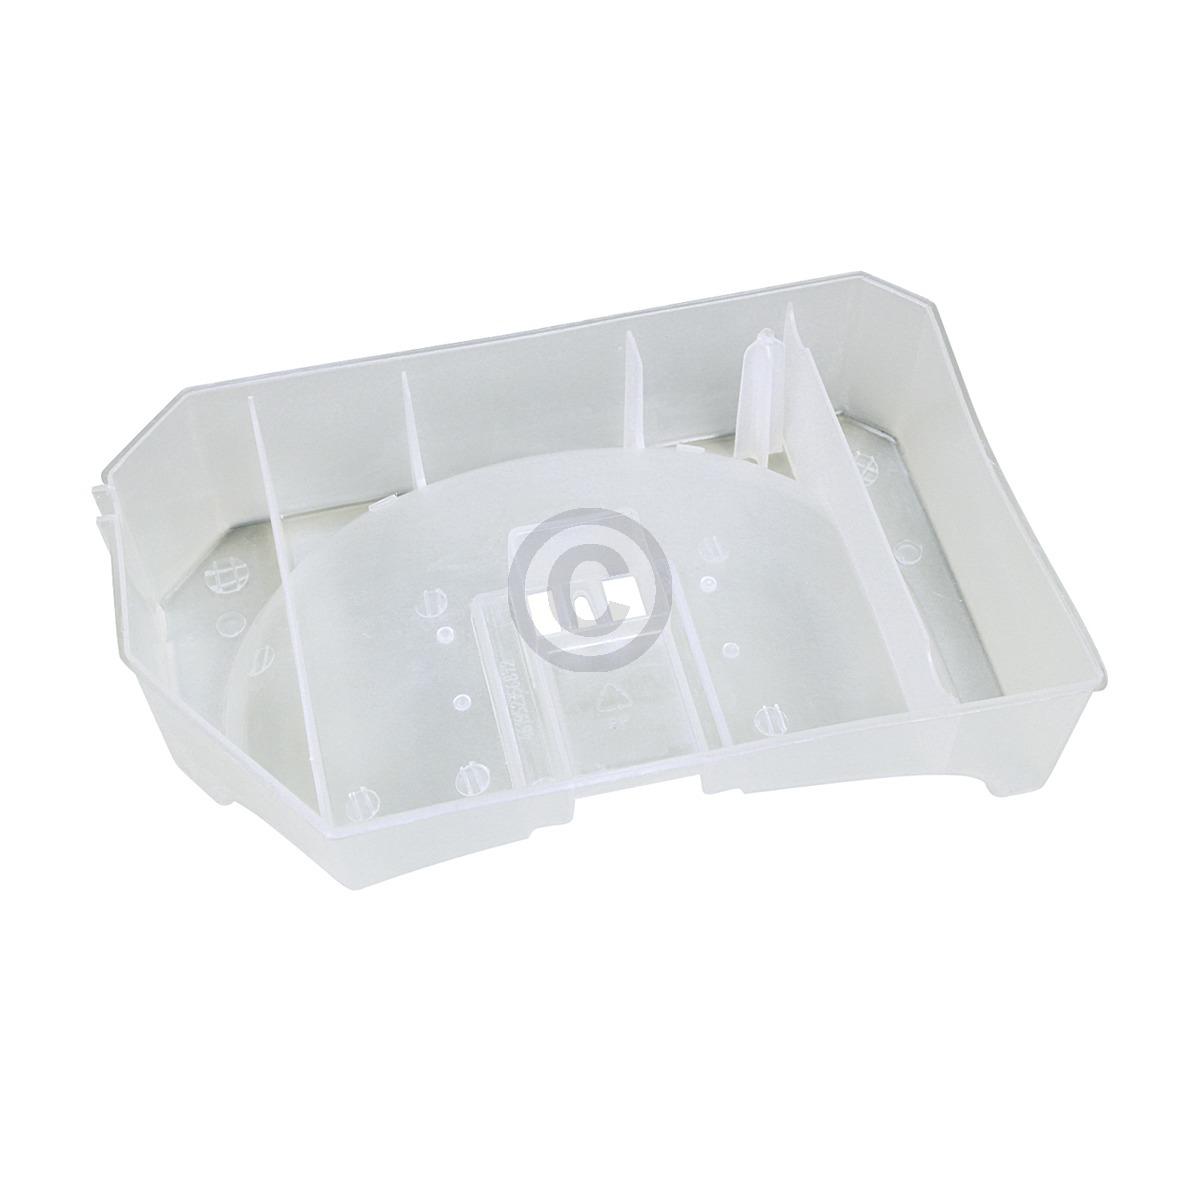 Tauwasserschale für Kompressor 481241848824 Bauknecht, Whirlpool, Ikea